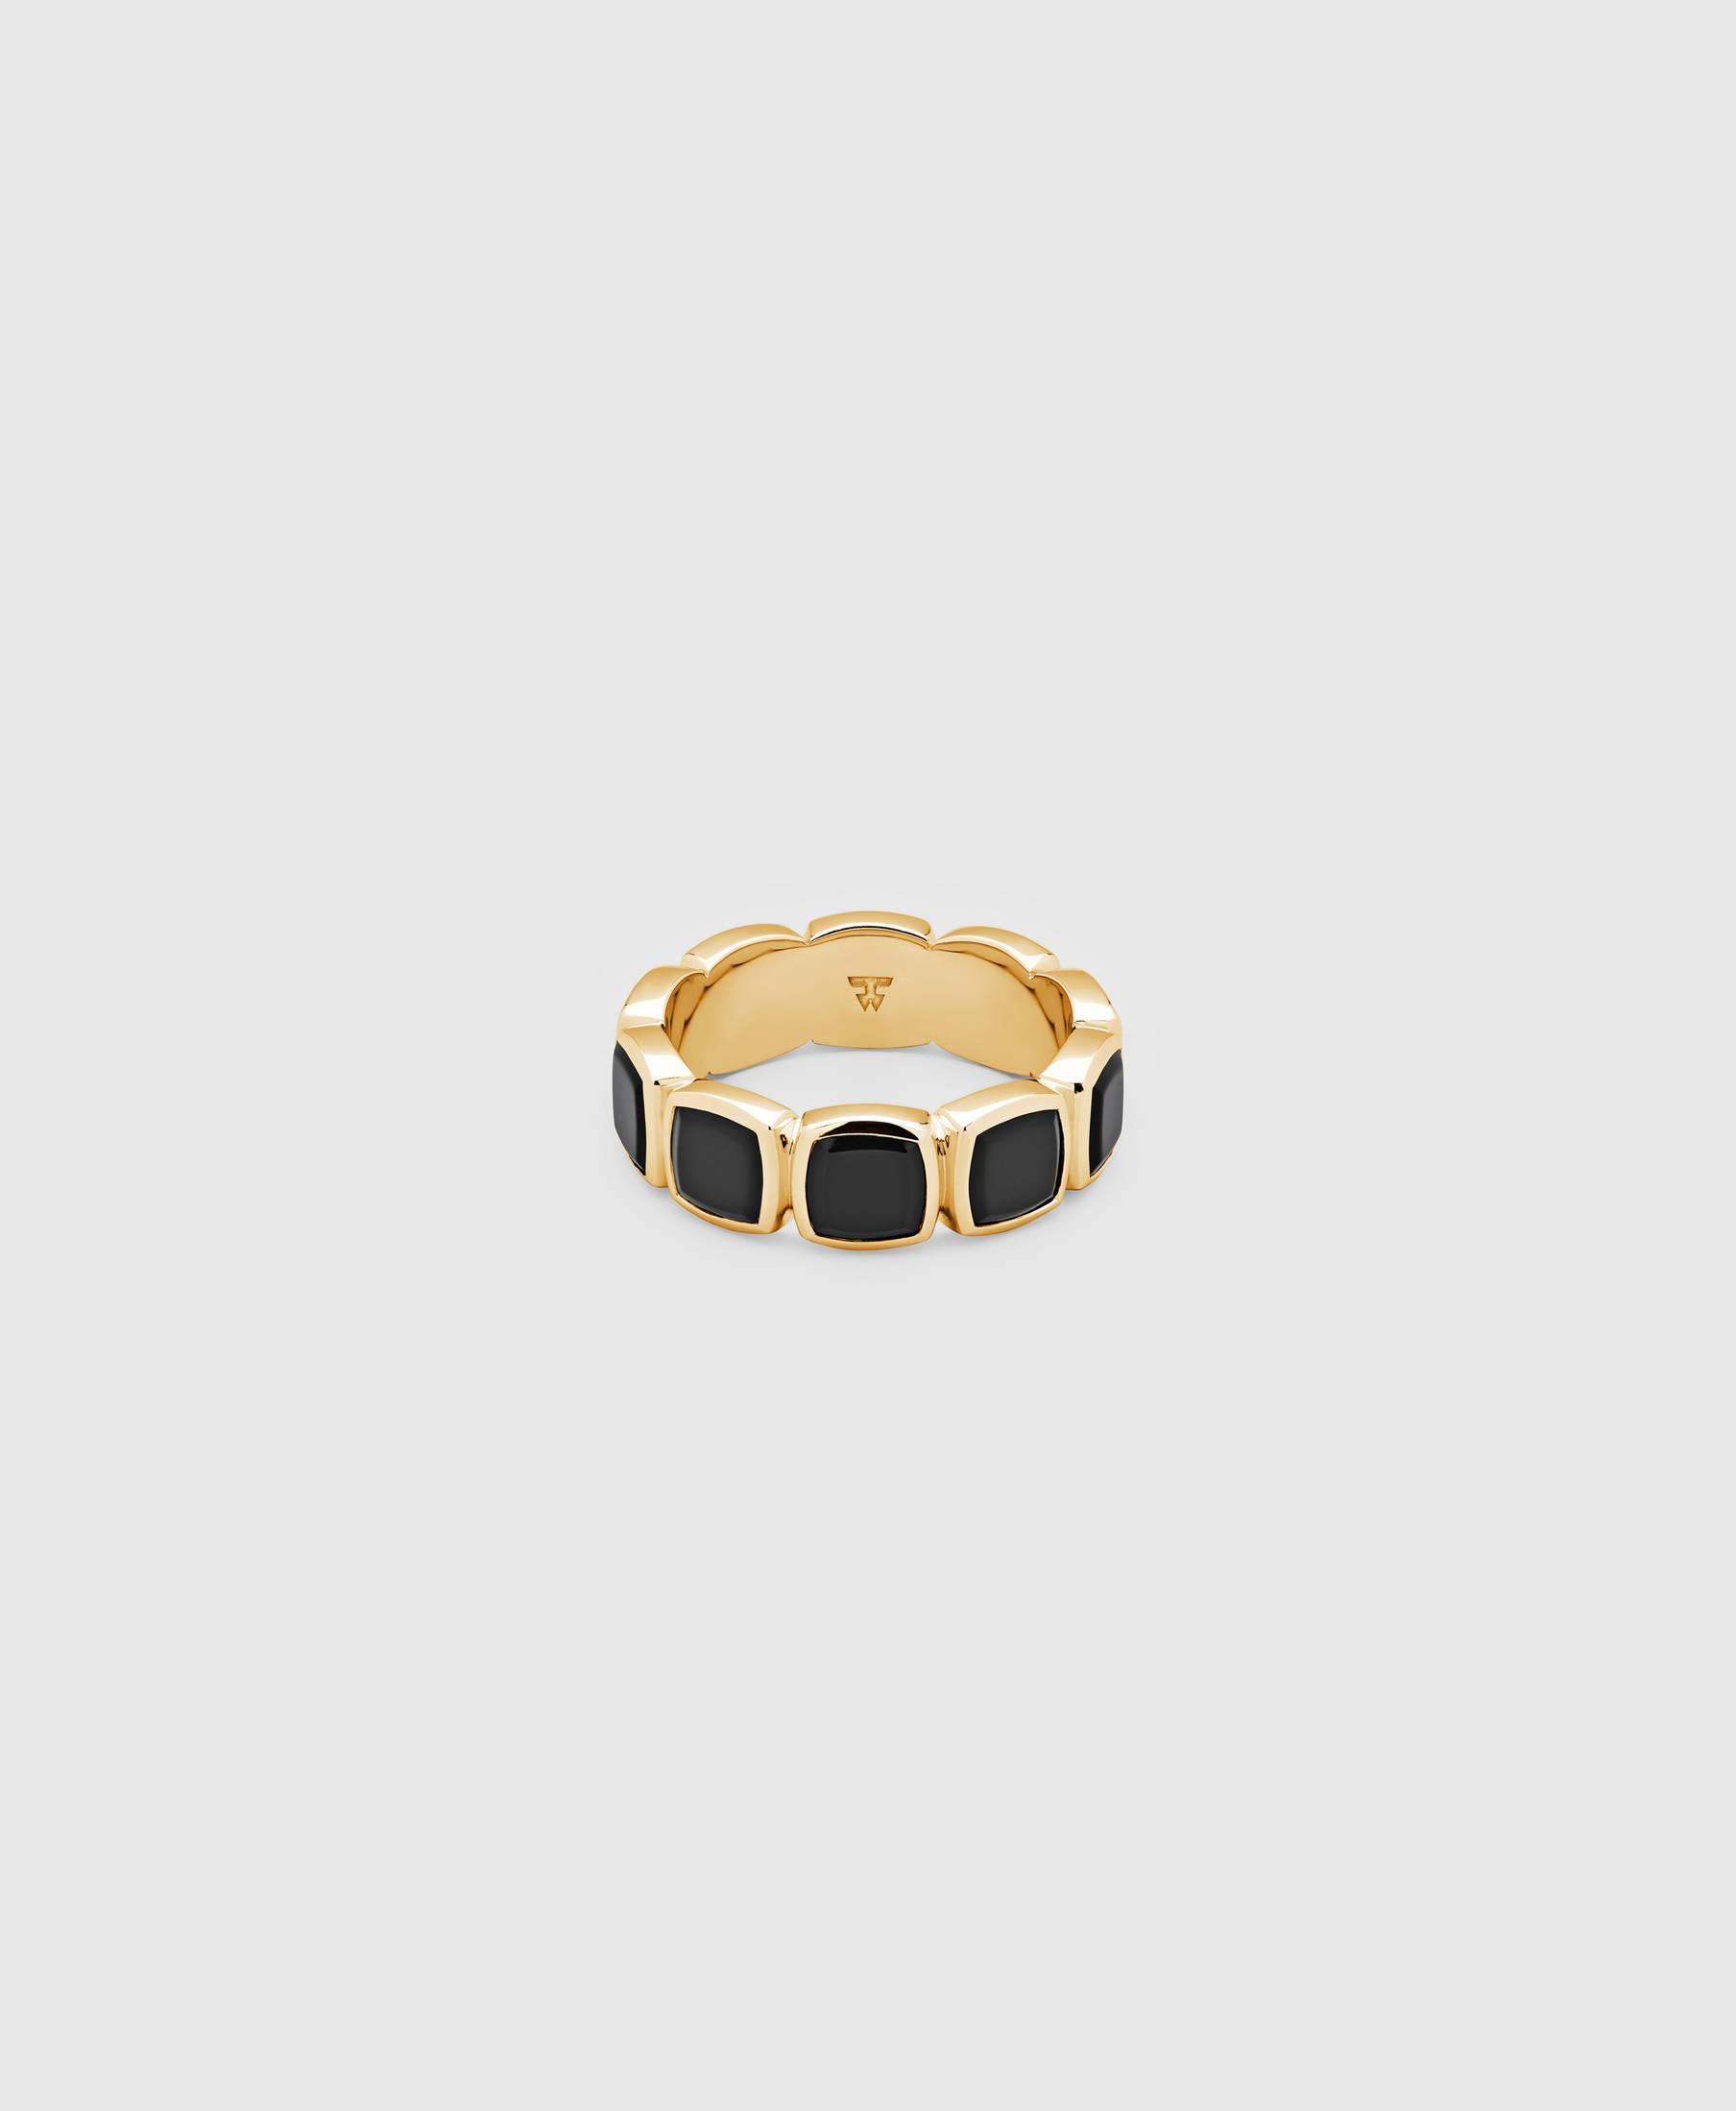 Cushion Band Polished Onyx Gold